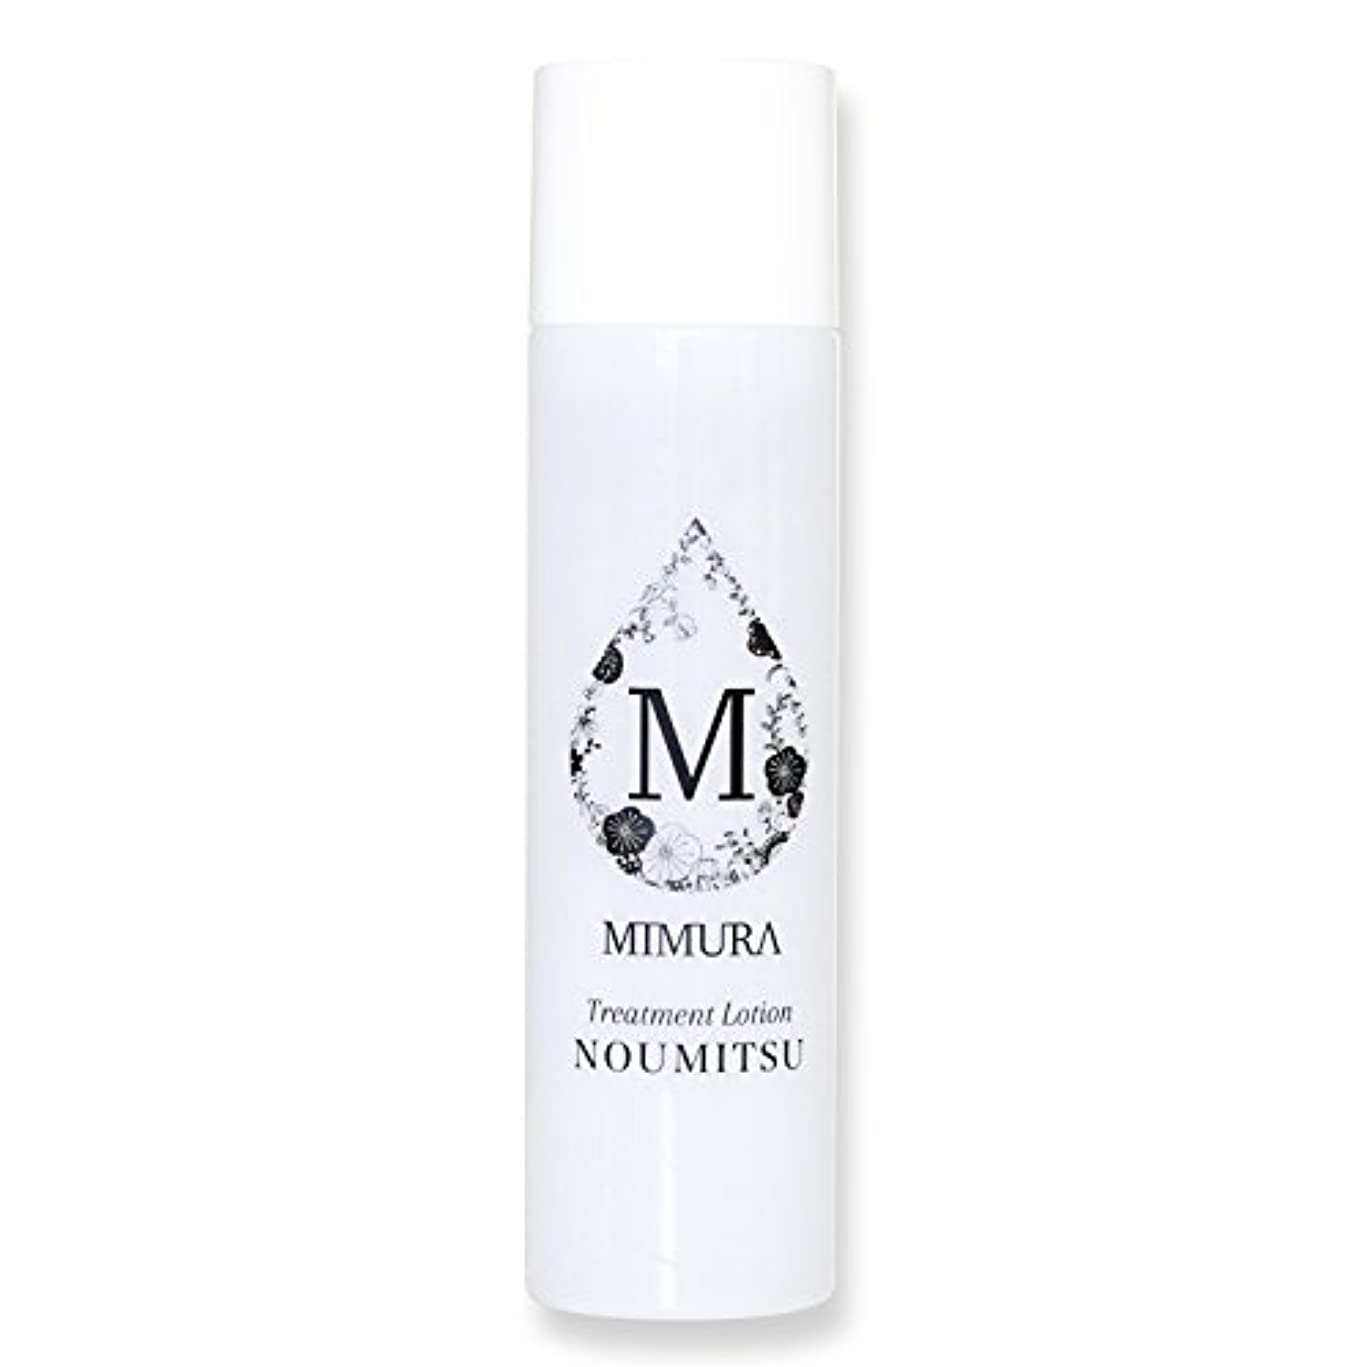 シャトルスマイル明示的に化粧水 乾燥肌 うるおい 送料無料 ミムラ トリートメントローション NOUMITSU MIMURA 日本製